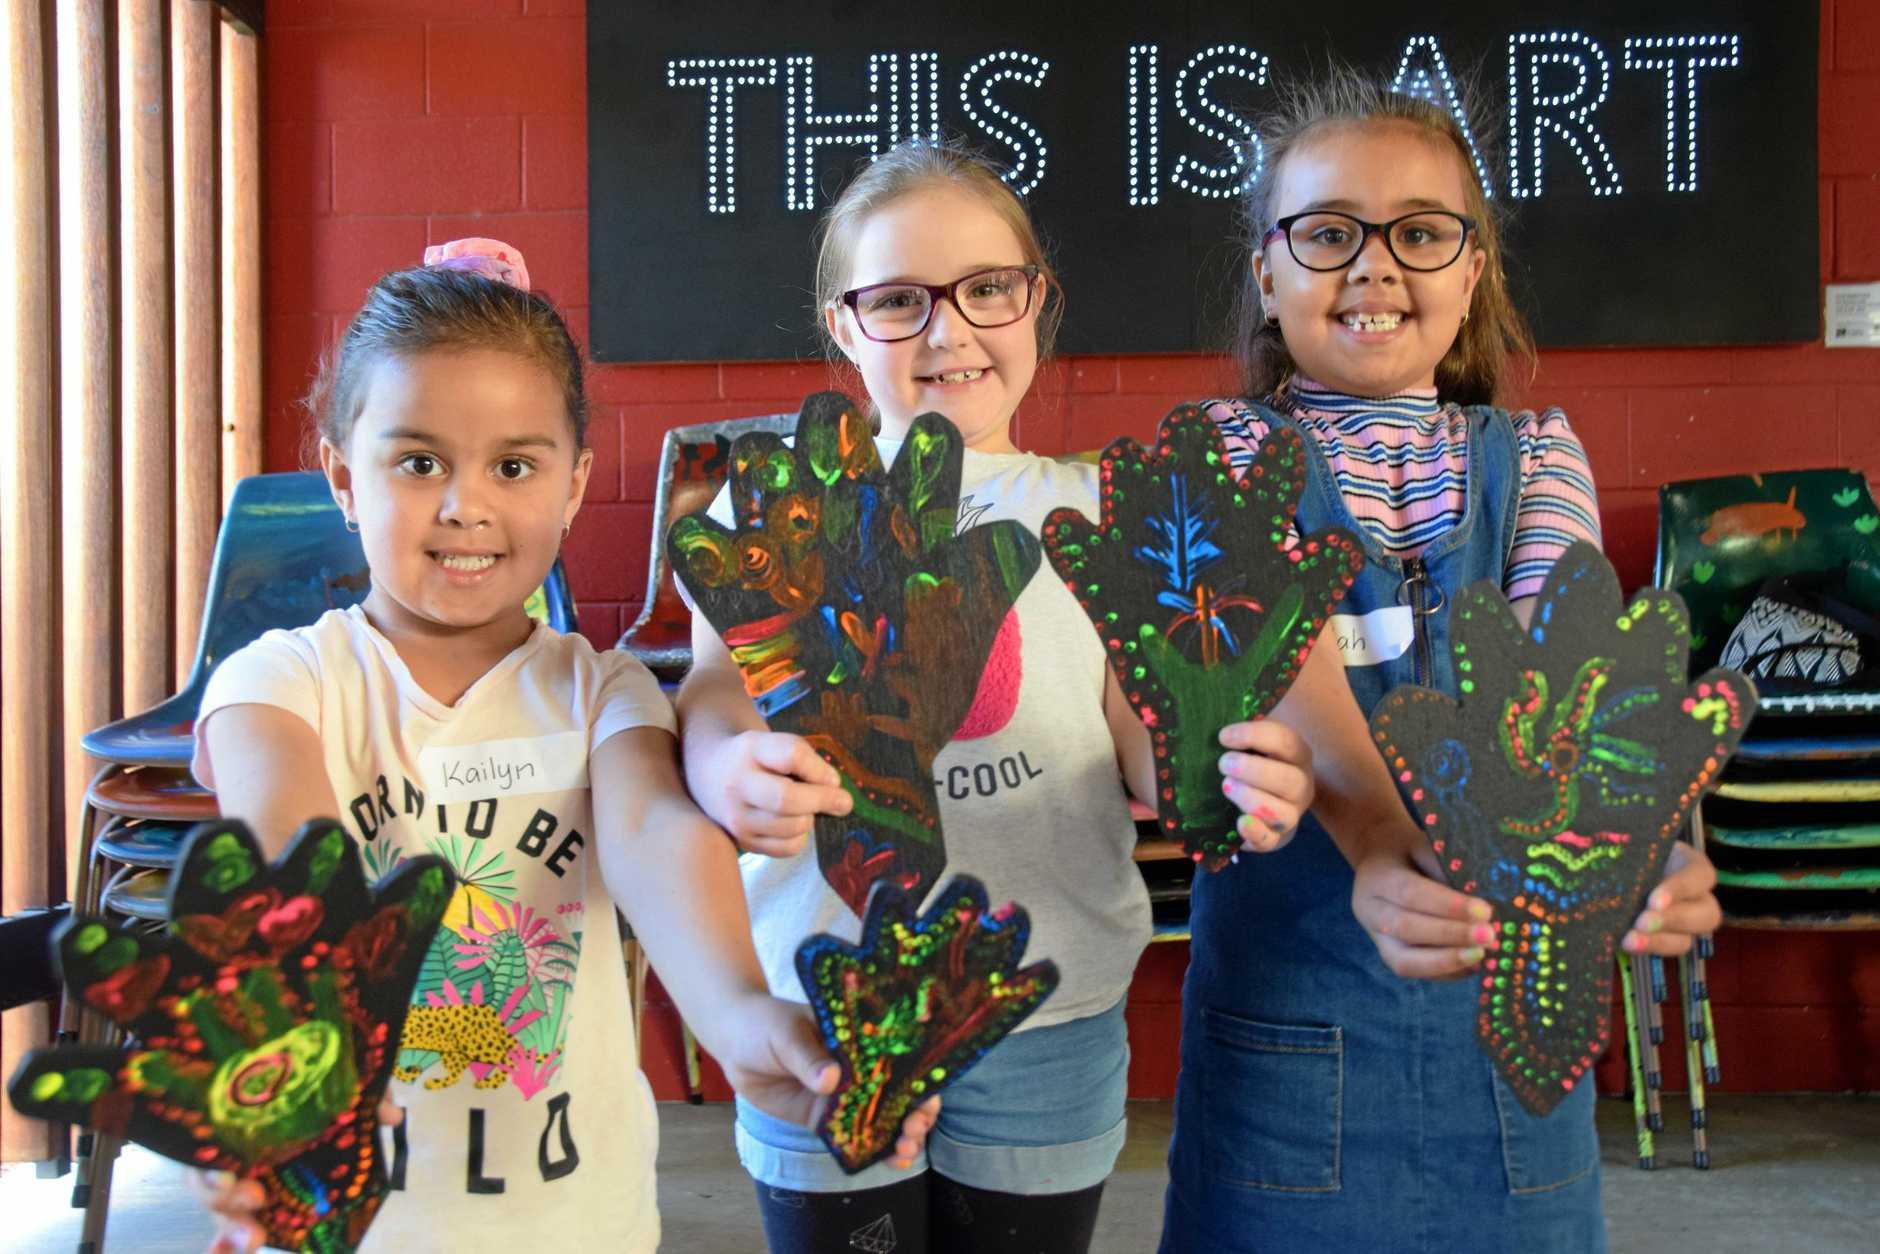 Kailyn Nixon, Ash Hengst and Jaidah Nixon at the NAIDOC week hand painting art workshop.